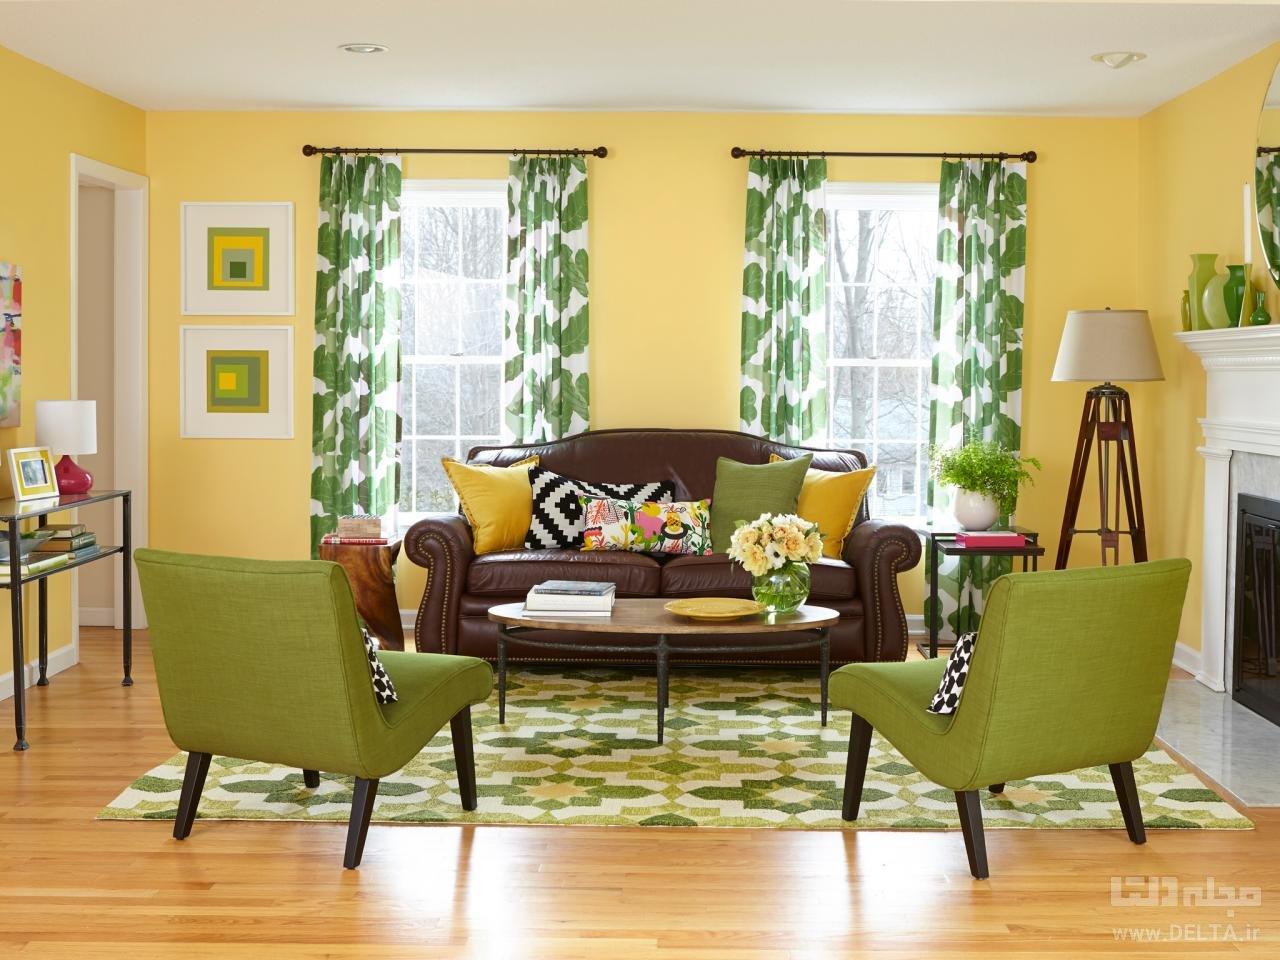 اتاق پذیرایی با تناژ زرد